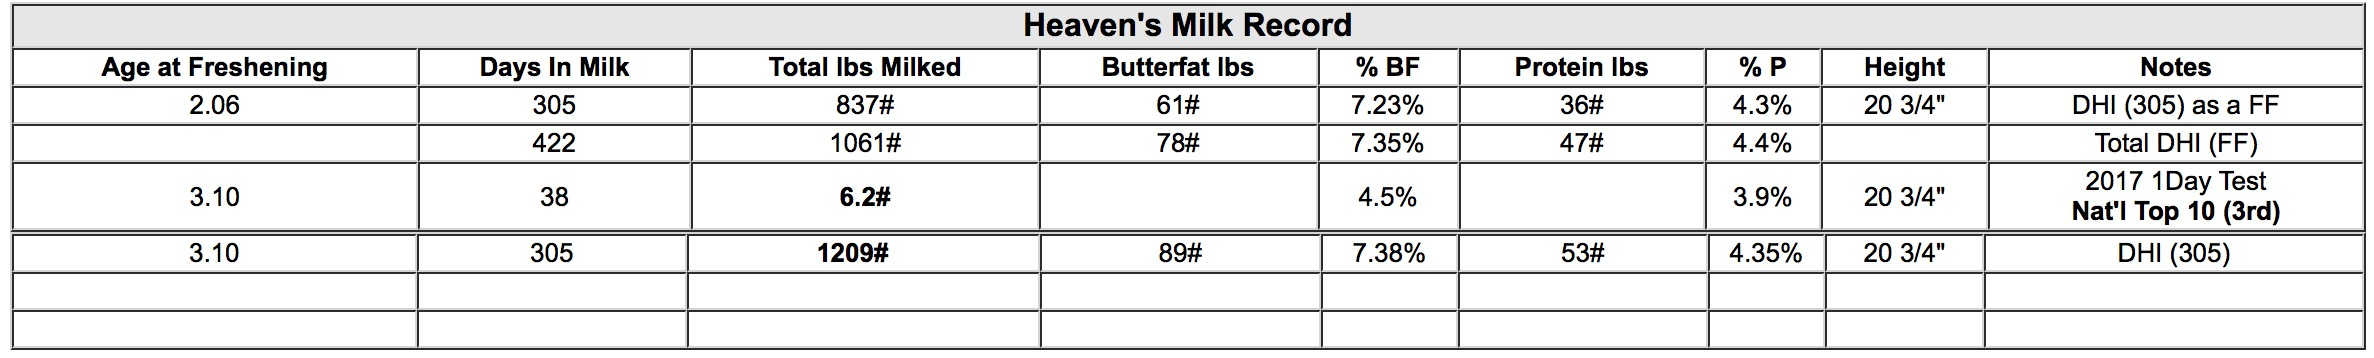 Heaven updated milk 2017.jpg